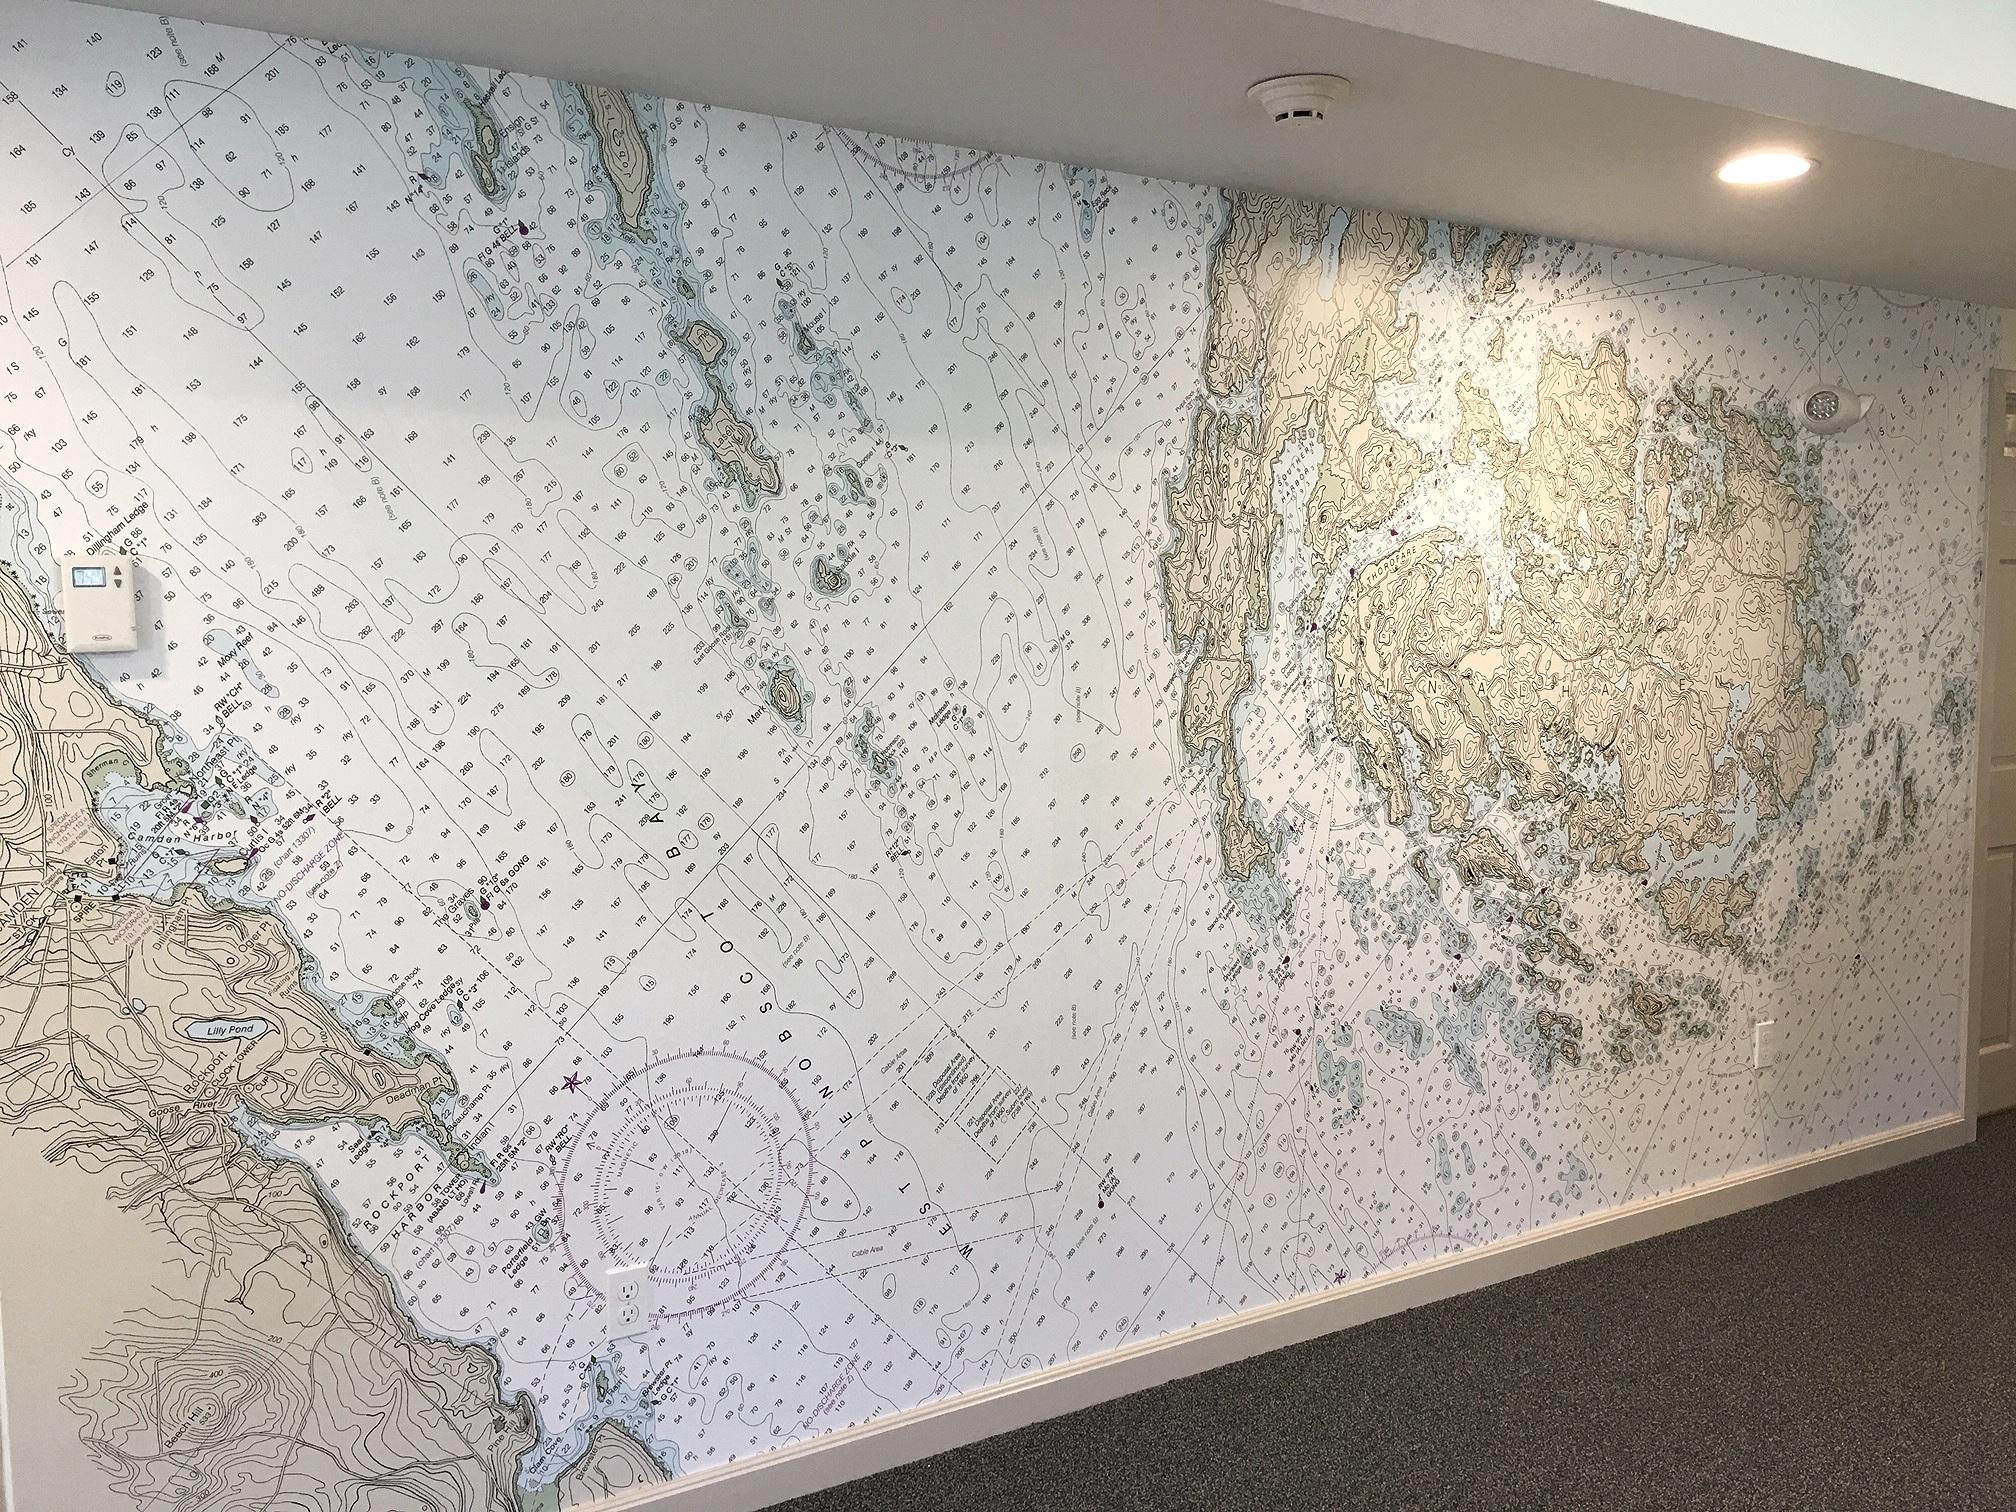 Bridgestone commercial Camden to Btridgestone Paul Fagan designed this mural.